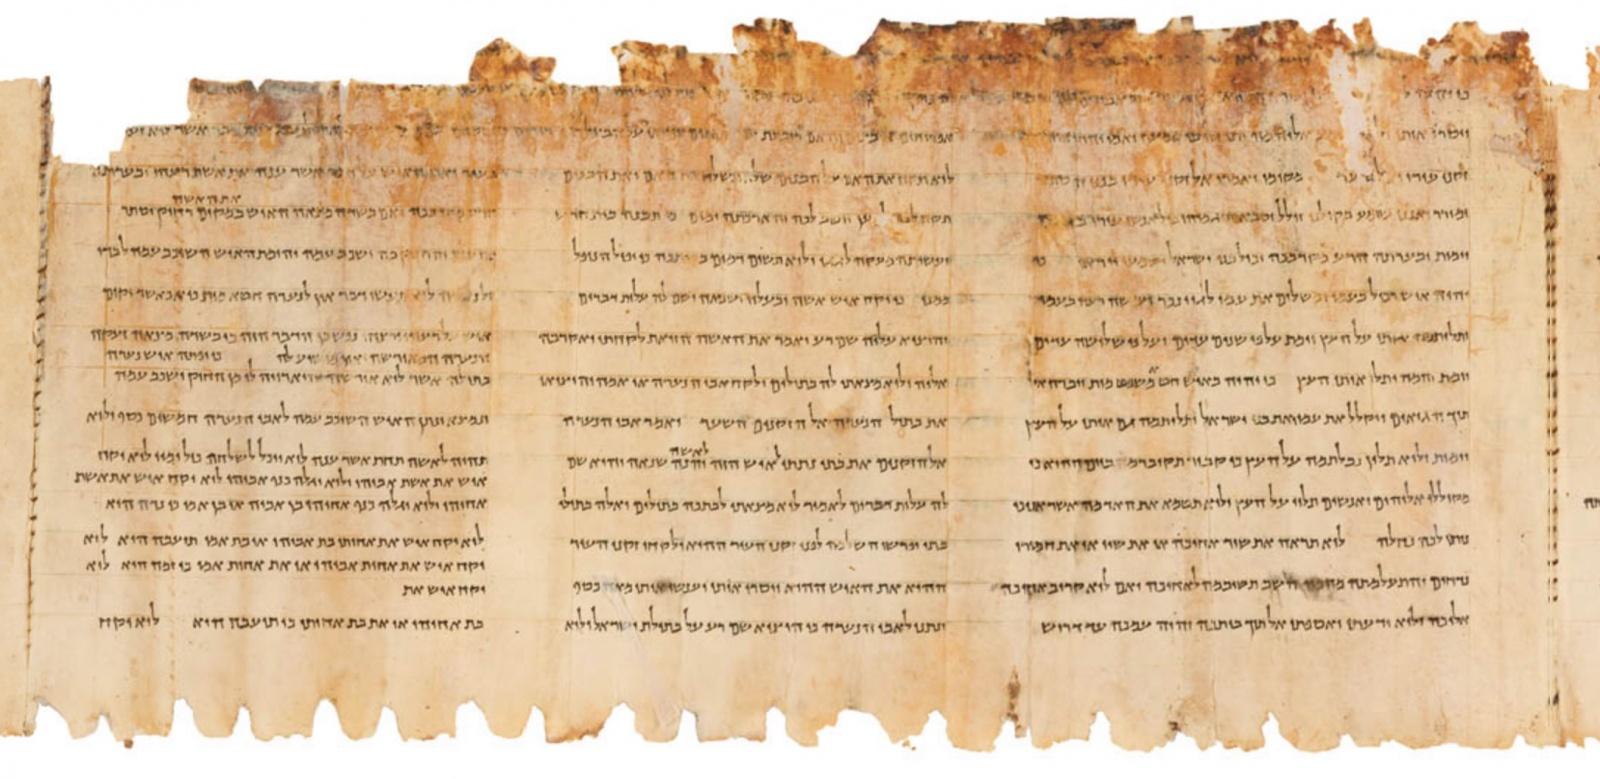 Рукописи не горят: секрет долговечности свитков Мертвого моря, датируемых 250 годом до н.э - 7